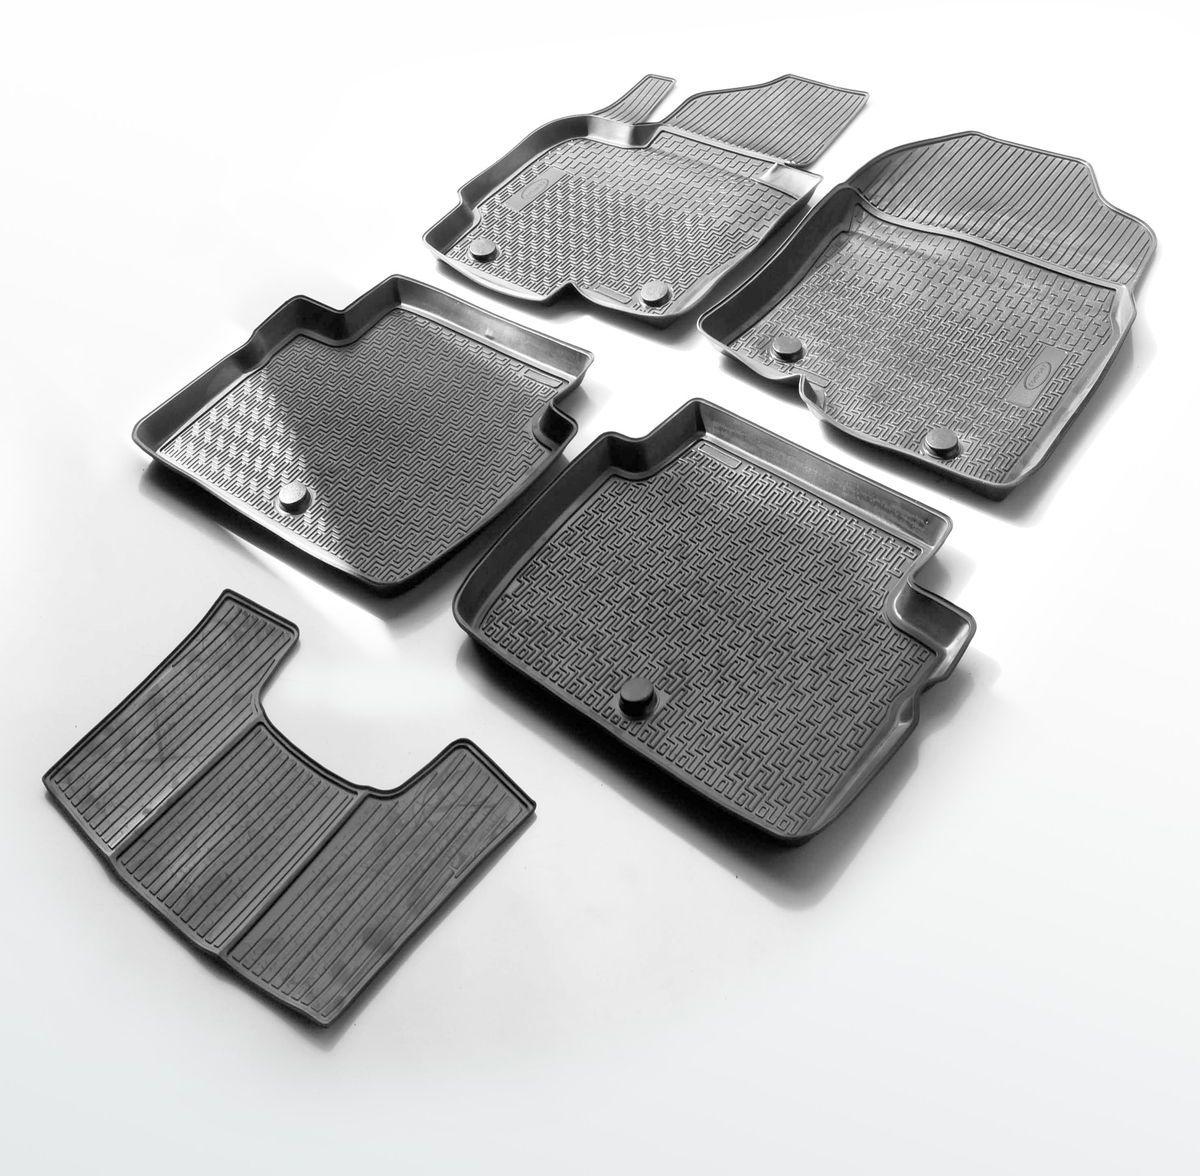 Ковры салона Rival для Nissan Qashqai 2015-, 4 шт + перемычка0014105004Автомобильные ковры салона Rival Прочные и долговечные ковры в салон автомобиля, изготовлены из высококачественного и экологичного сырья, полностью повторяют геометрию салона вашего автомобиля. - Надежная система крепления, позволяющая закрепить коврик на штатные элементы фиксации, в результате чего отсутствует эффект скольжения по салону автомобиля. - Высокая стойкость поверхности к стиранию. - Специализированный рисунок и высокий борт, препятствующие распространению грязи и жидкости по поверхности ковра. - Перемычка задних ковров в комплекте предотвращает загрязнение тоннеля карданного вала. - Произведены из первичных материалов, в результате чего отсутствует неприятный запах в салоне автомобиля. - Высокая эластичность, можно беспрепятственно эксплуатировать при температуре от -45 ?C до +45 ?C.